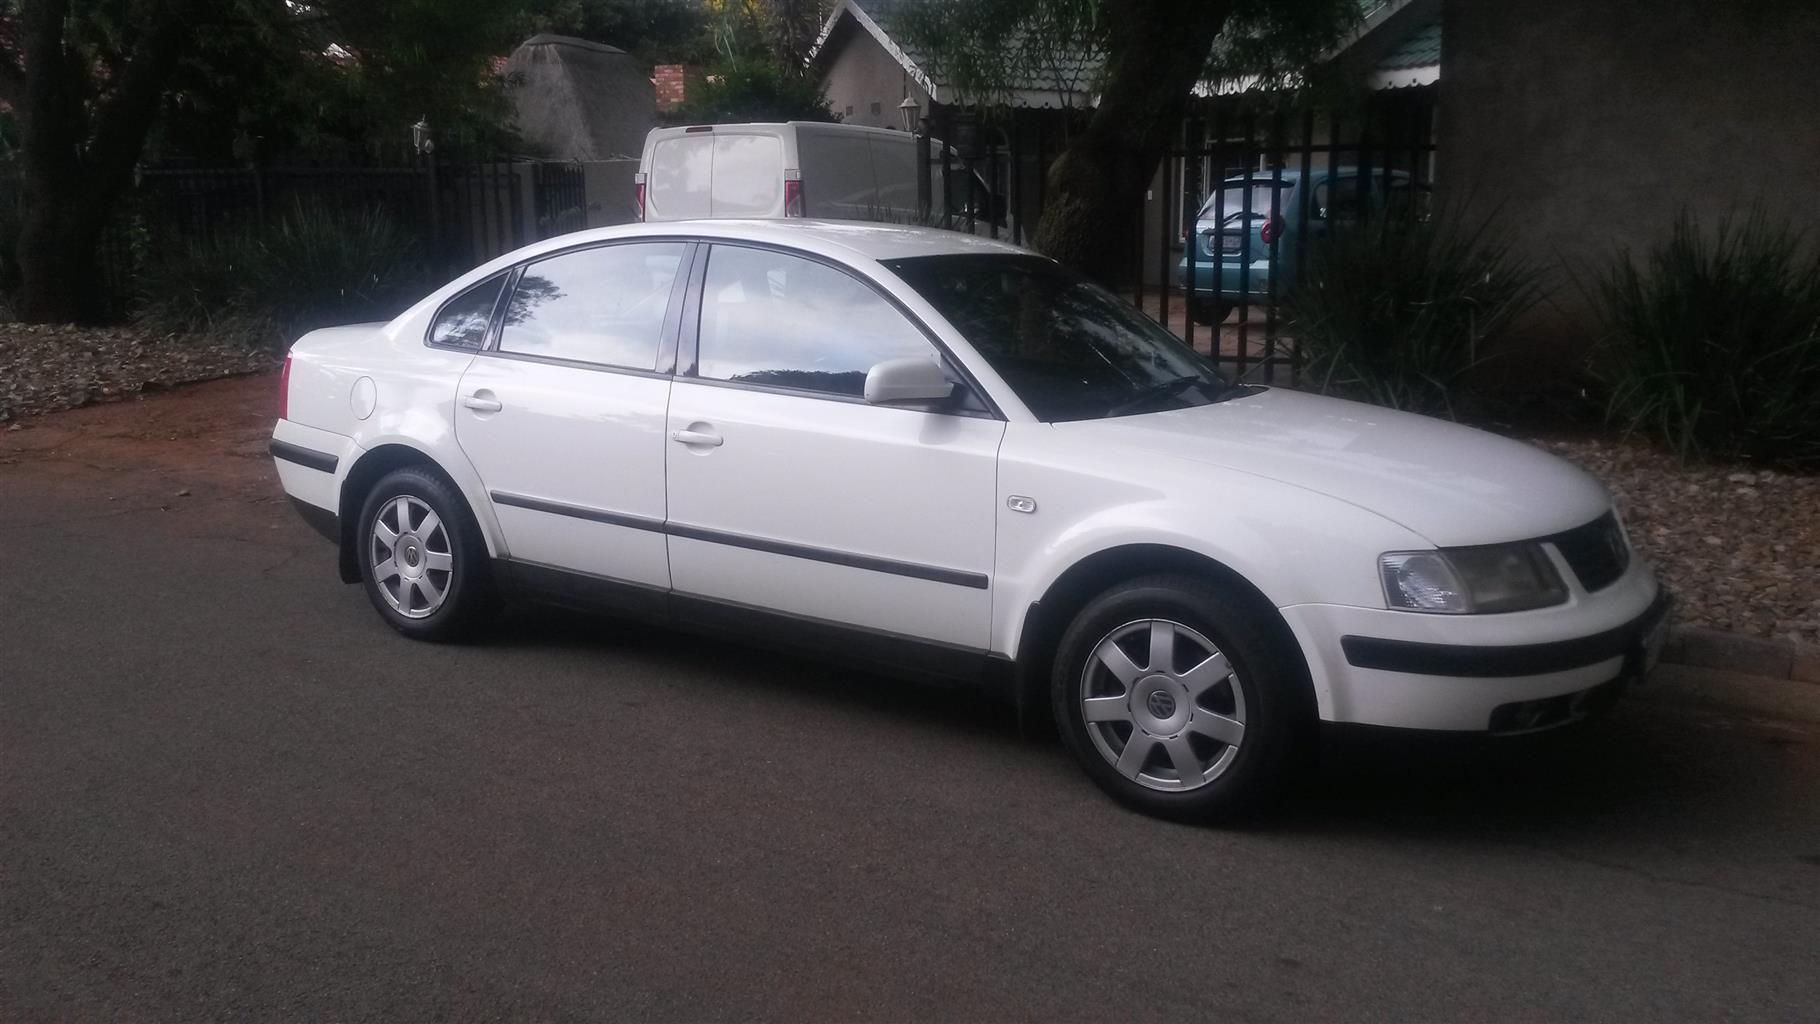 VW vw passat 2001 : 2001 VW Passat | Junk Mail